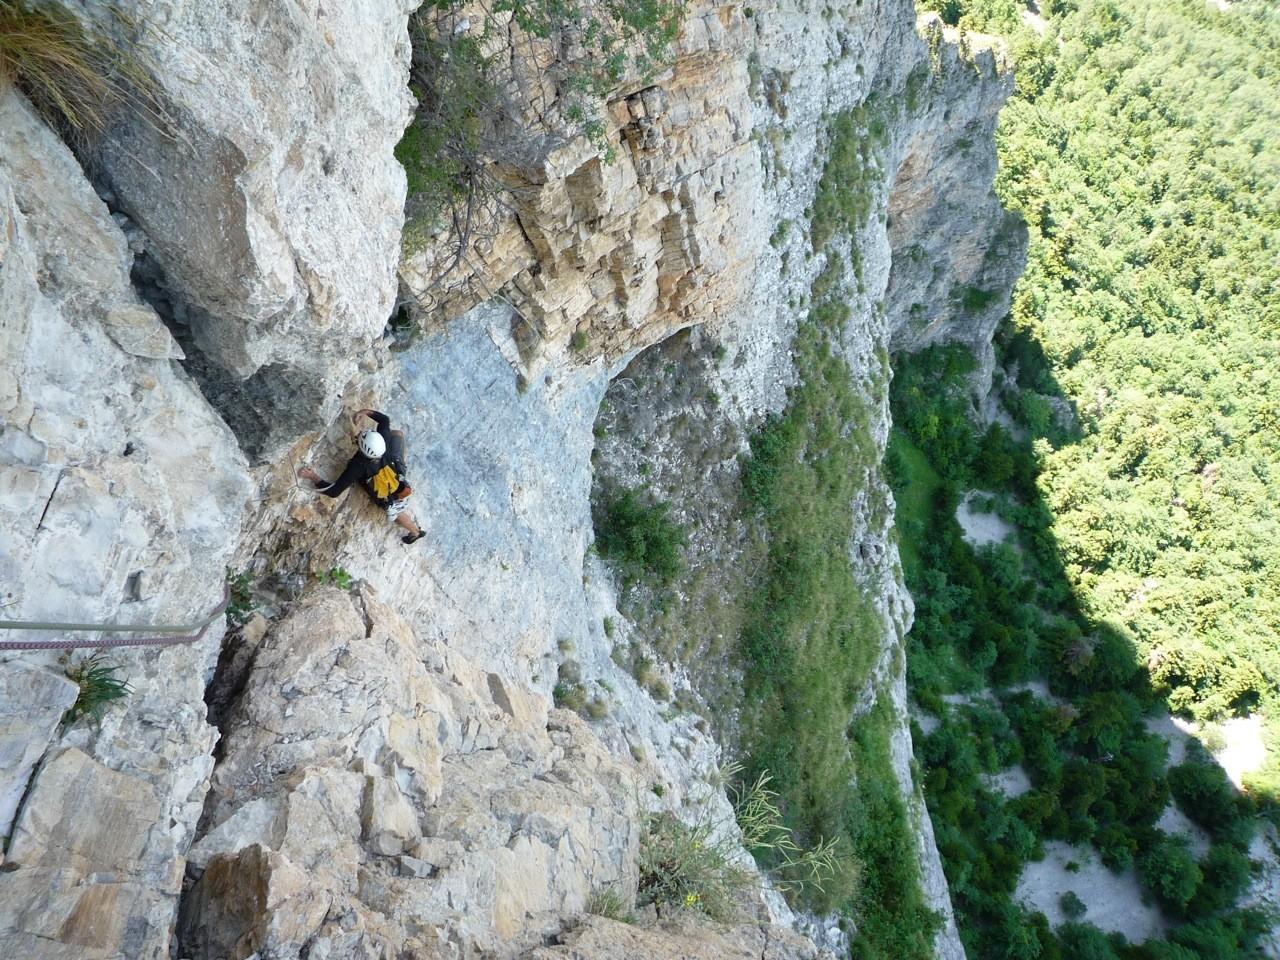 La grande roche : et dieu créa la flemme  L6